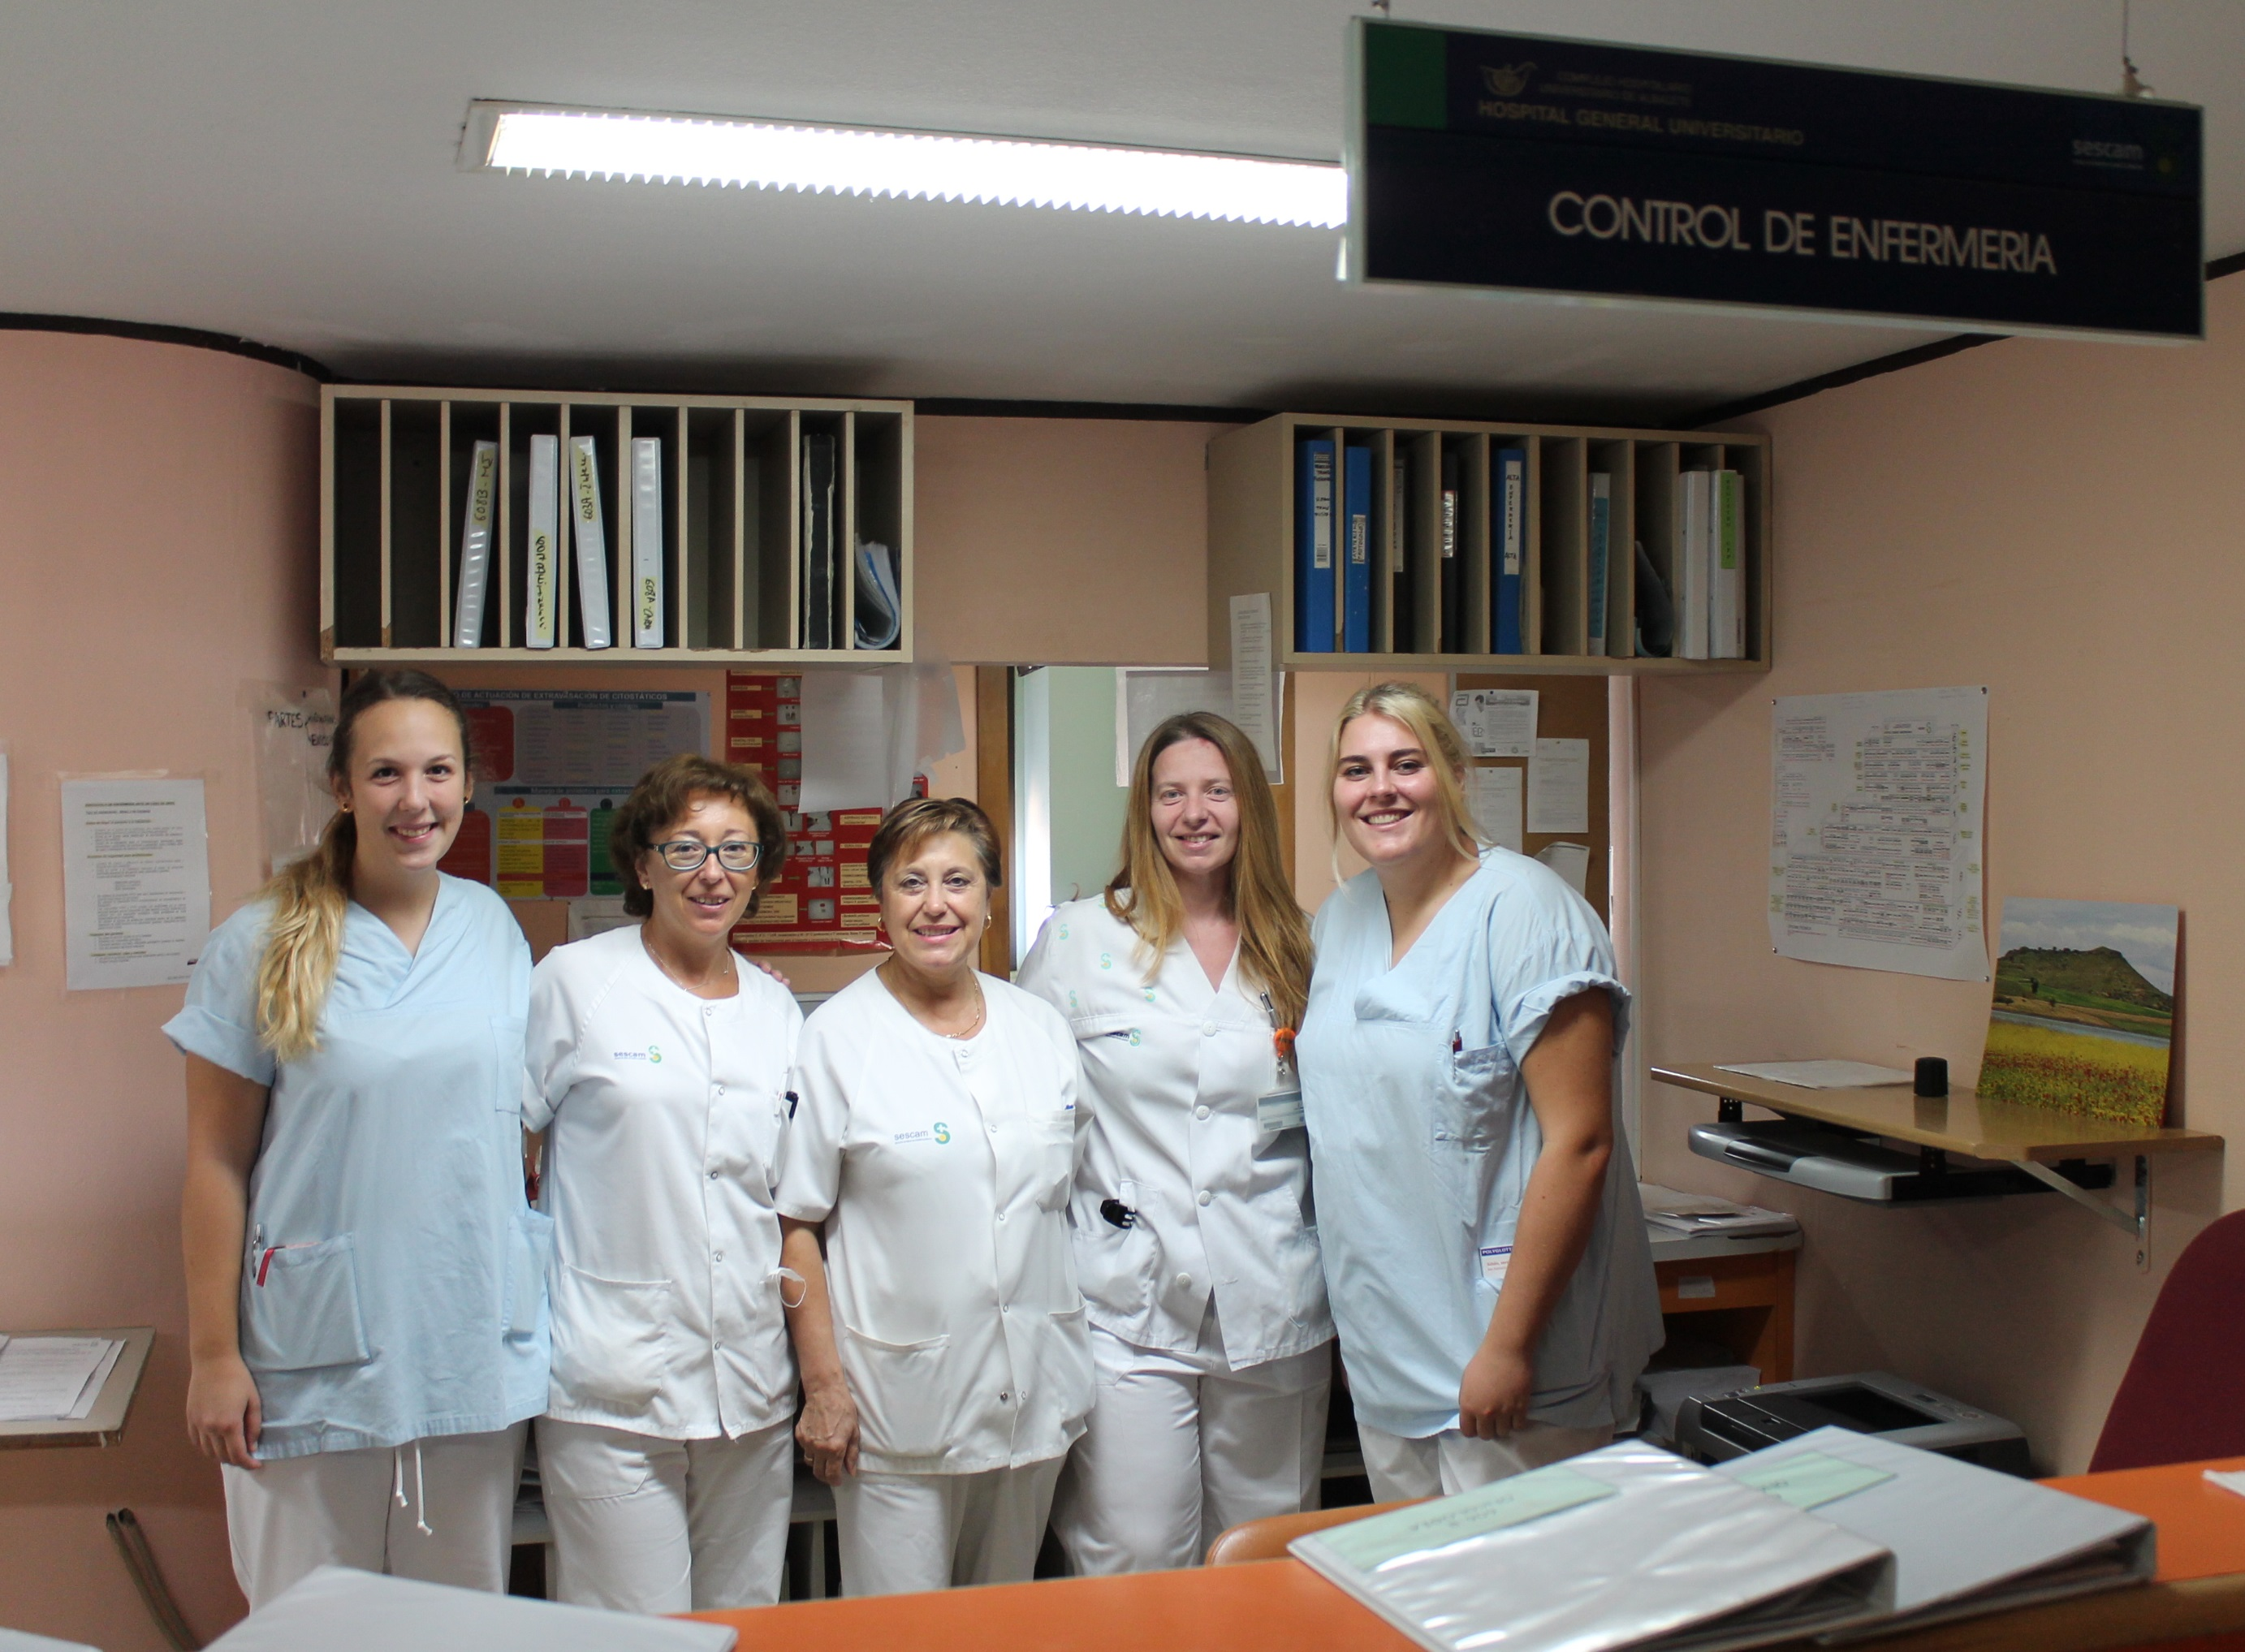 Dos estudiantes alemanas realizan prácticas en el Complejo Hospitalario Universitario de Albacete mediante el programa Erasmus+